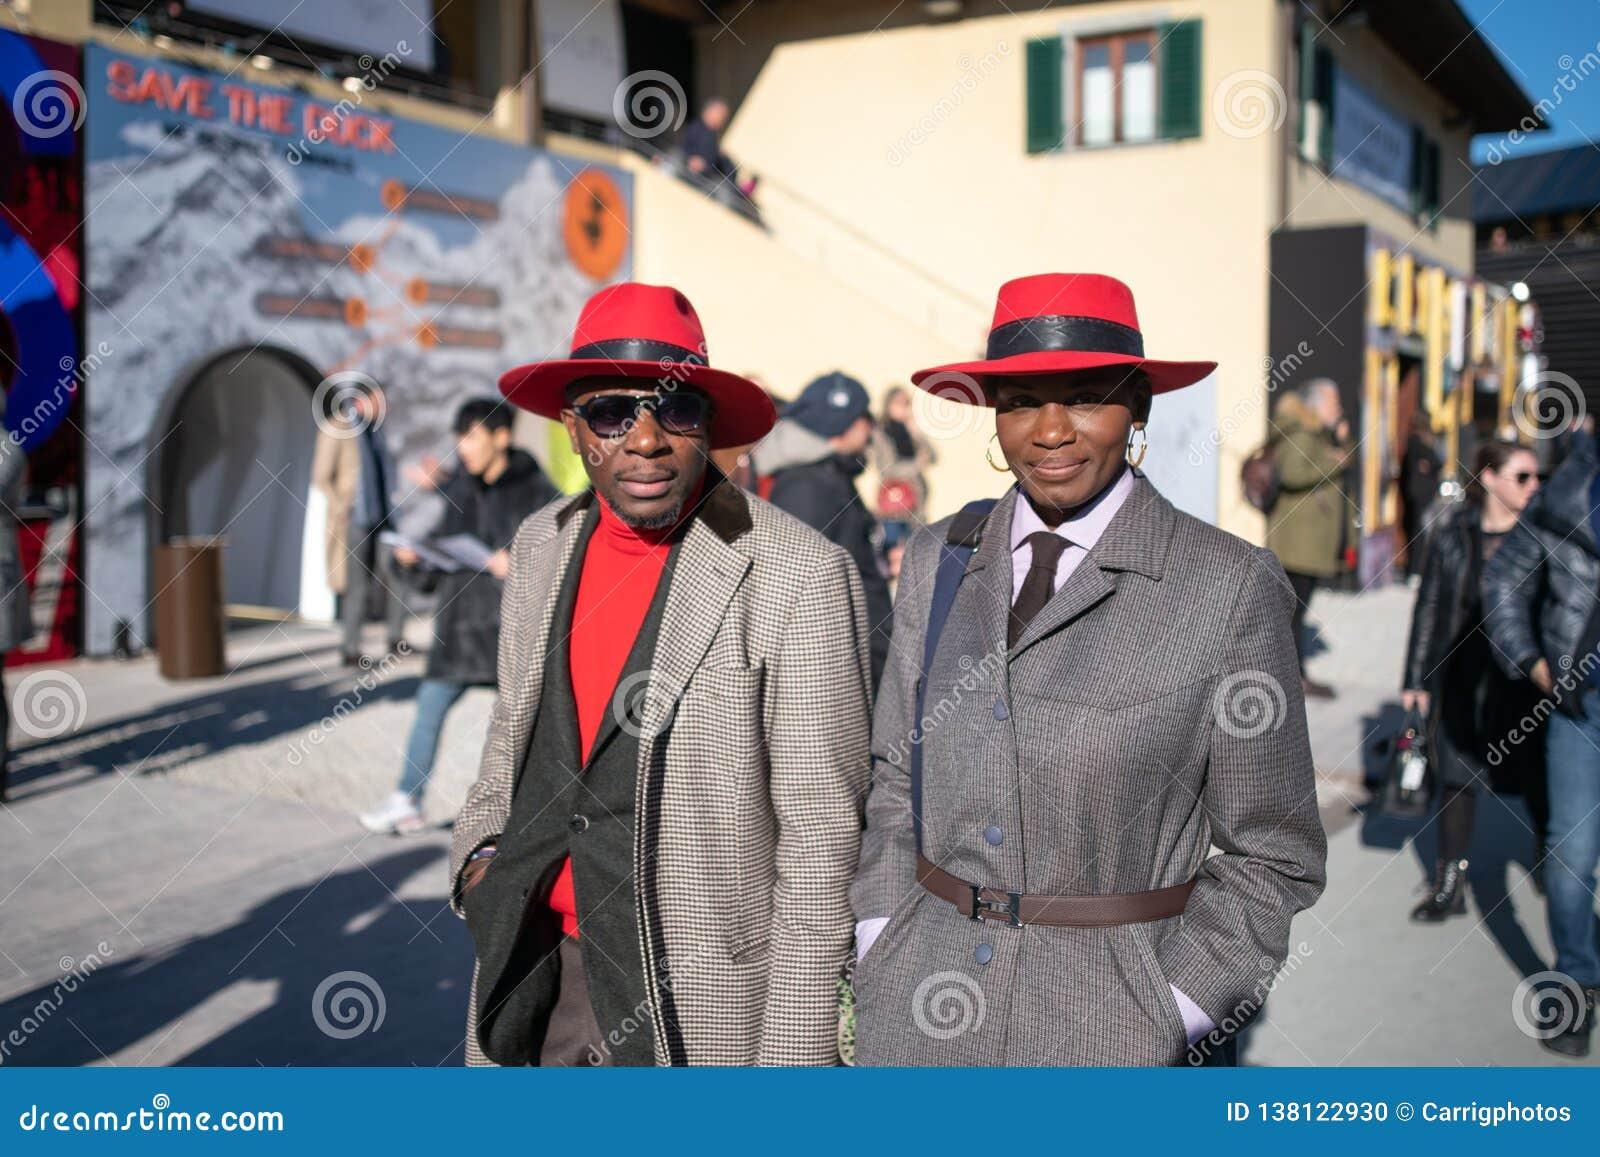 Pitti Uomo 95, Florencja, Włochy